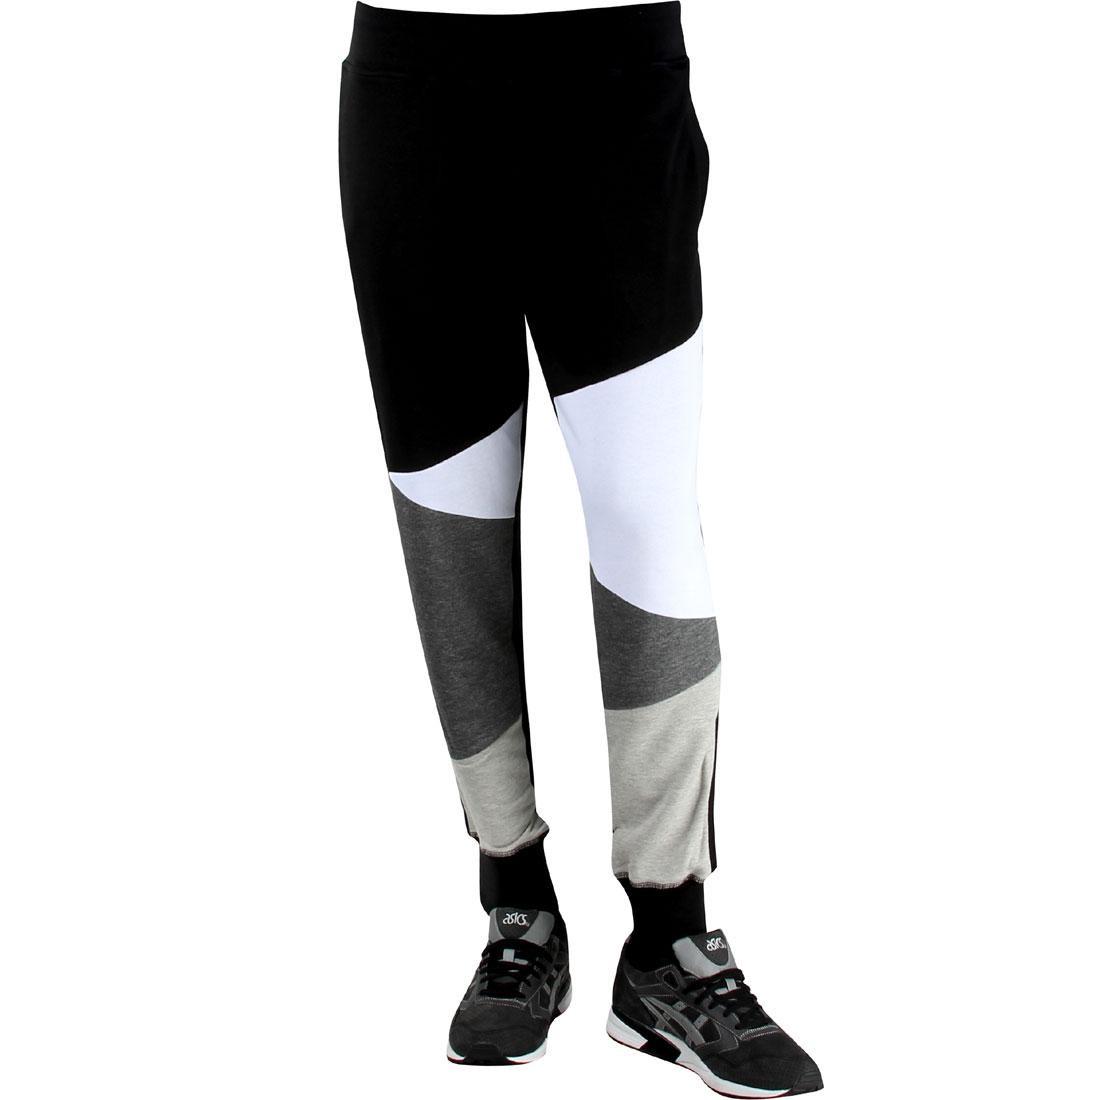 【海外限定】スウェット メンズファッション ズボン 【 SWEAT UNYFORME MEN EDWARD JONES PANTS BLACK GRAY 】